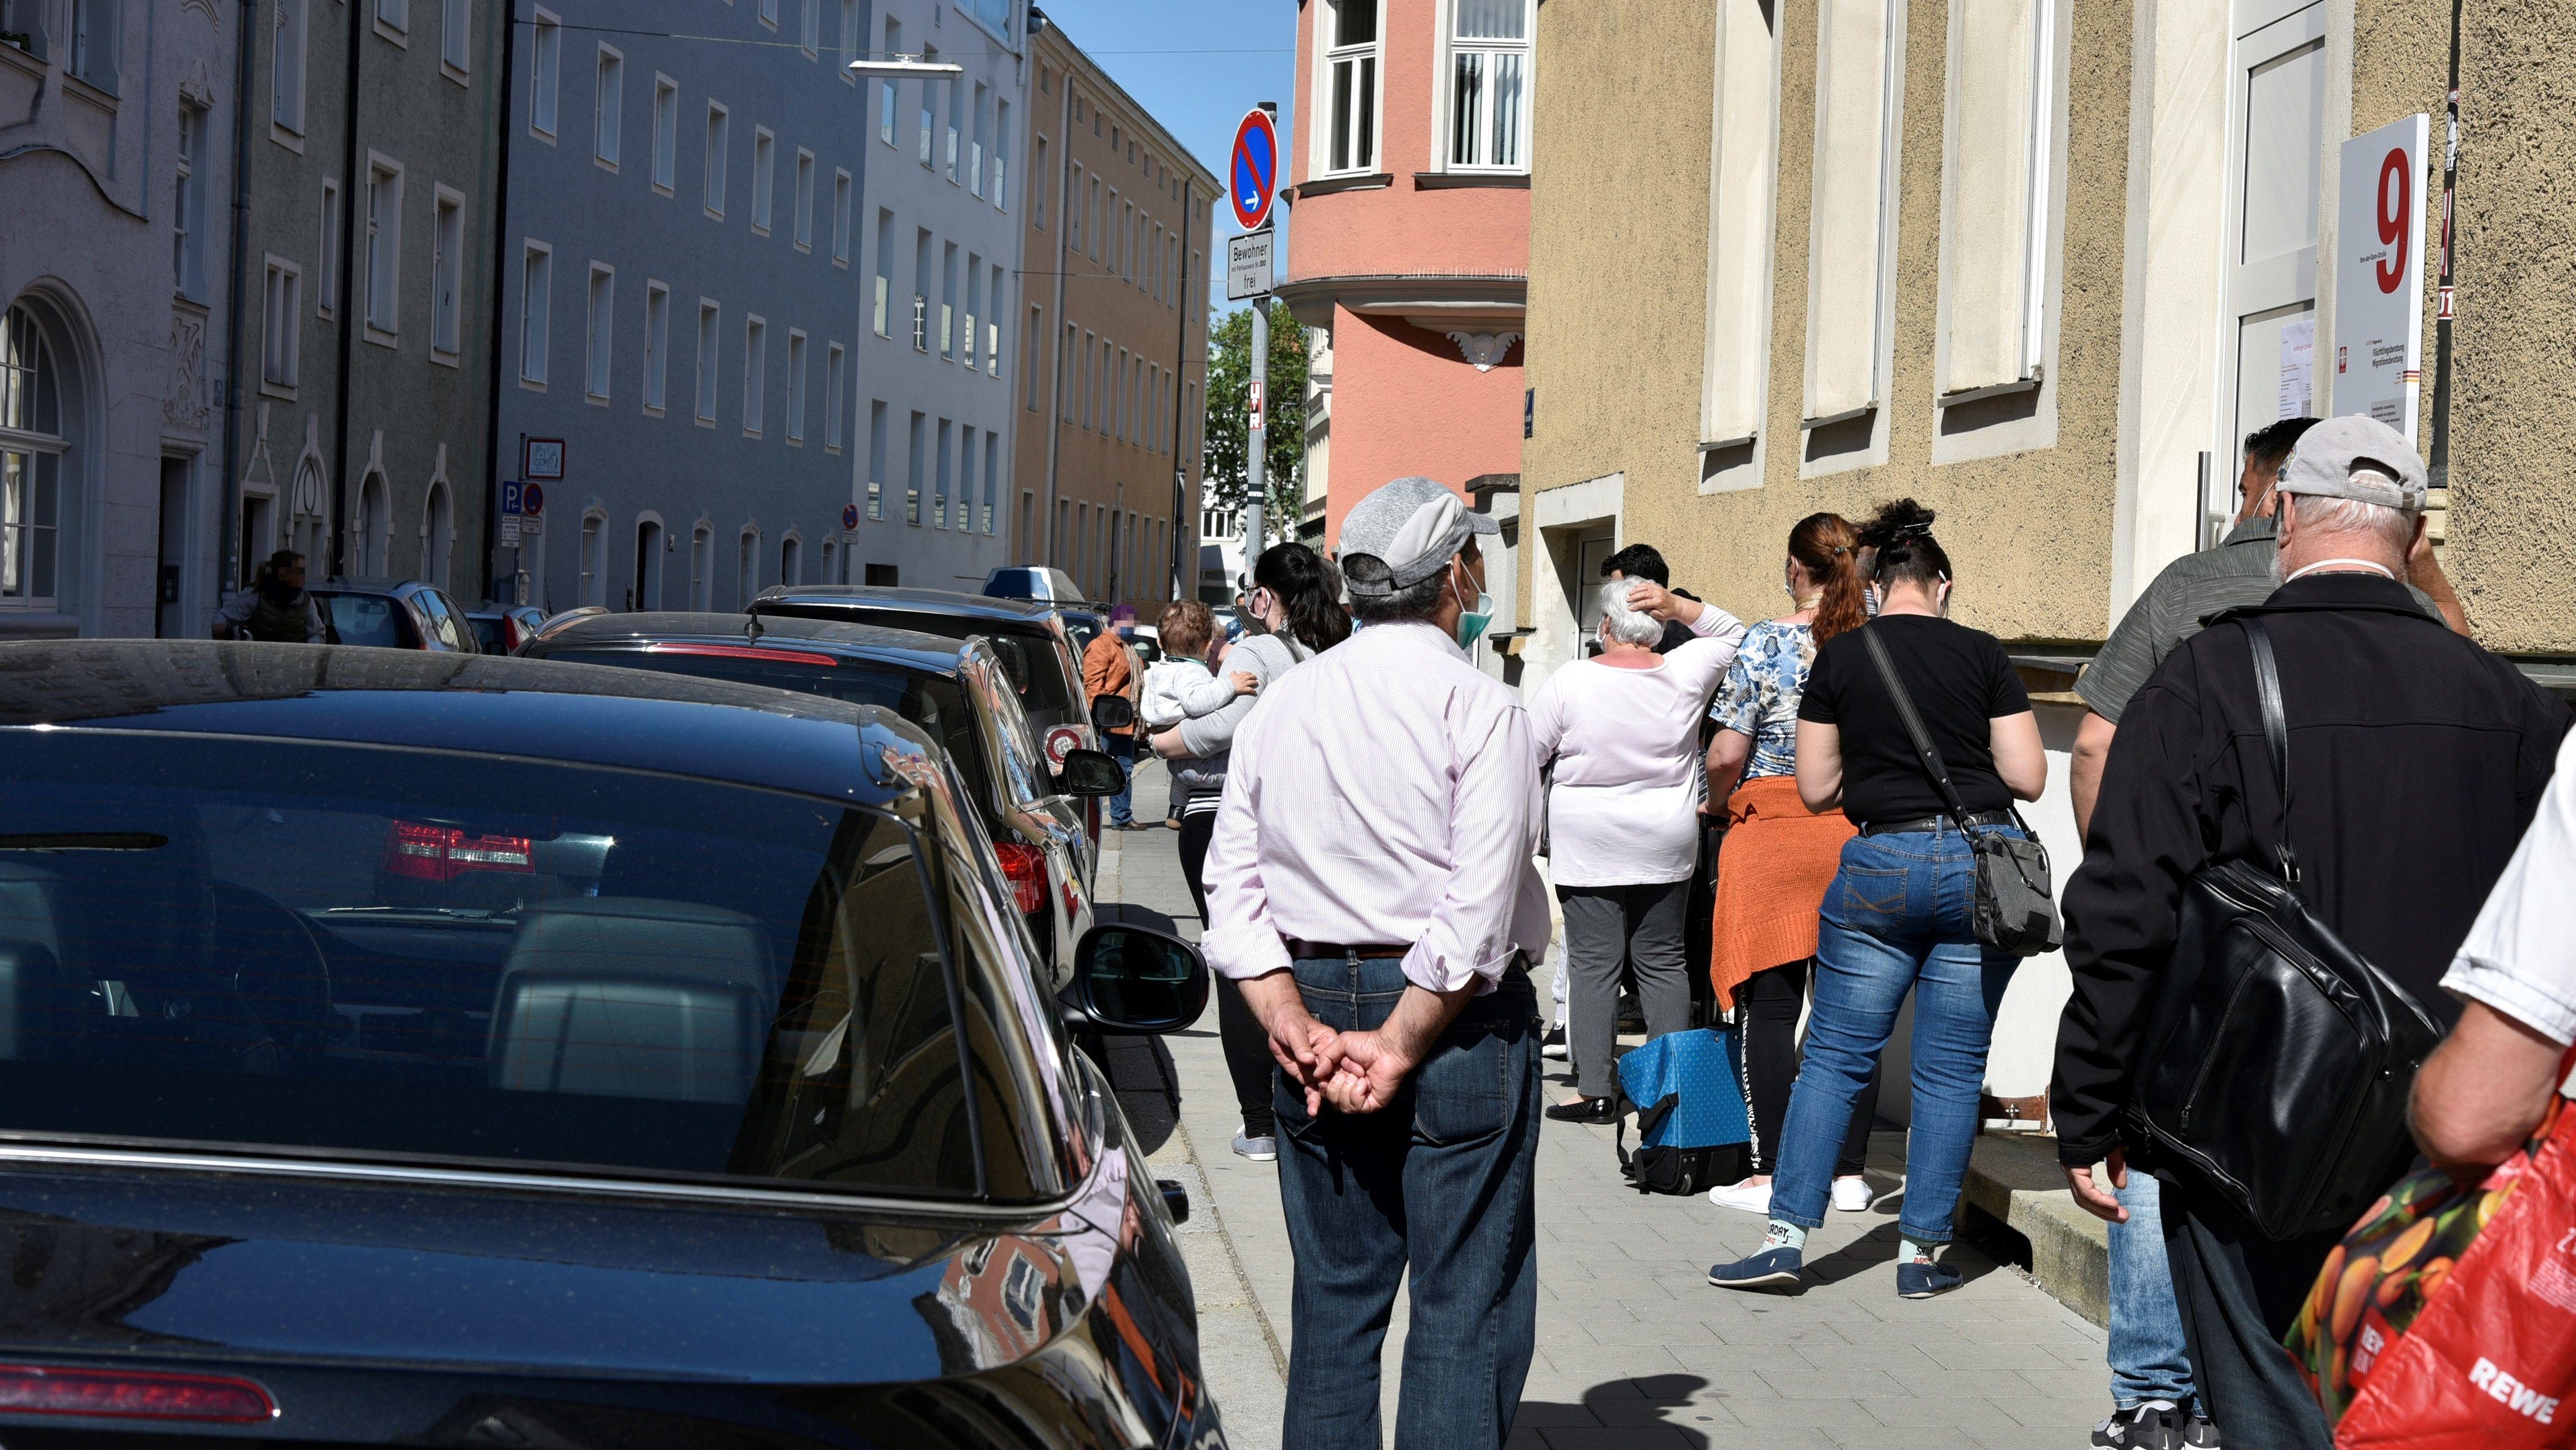 In der Von-der-Tann-Straße bildete sich eine lange Schlange von Bedürftigen, die sich ihre Einkaufsgutscheine in der Caritas-Zentrale abholten.